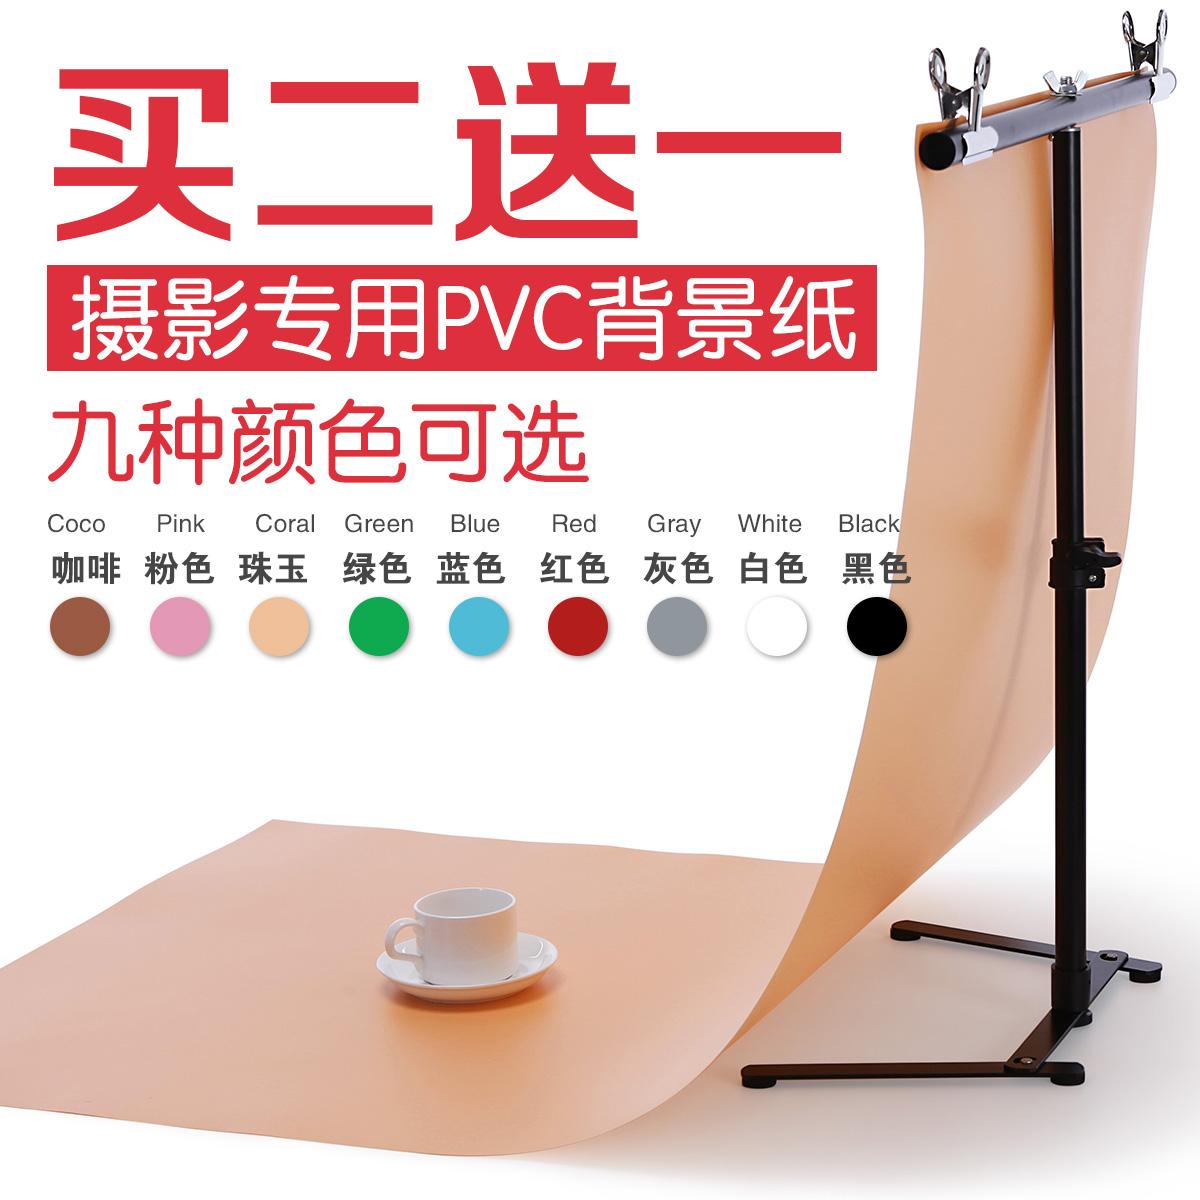 磨砂PVC背景板拍照背景纸摄影背景布白色背景墙反光板摄影棚道具